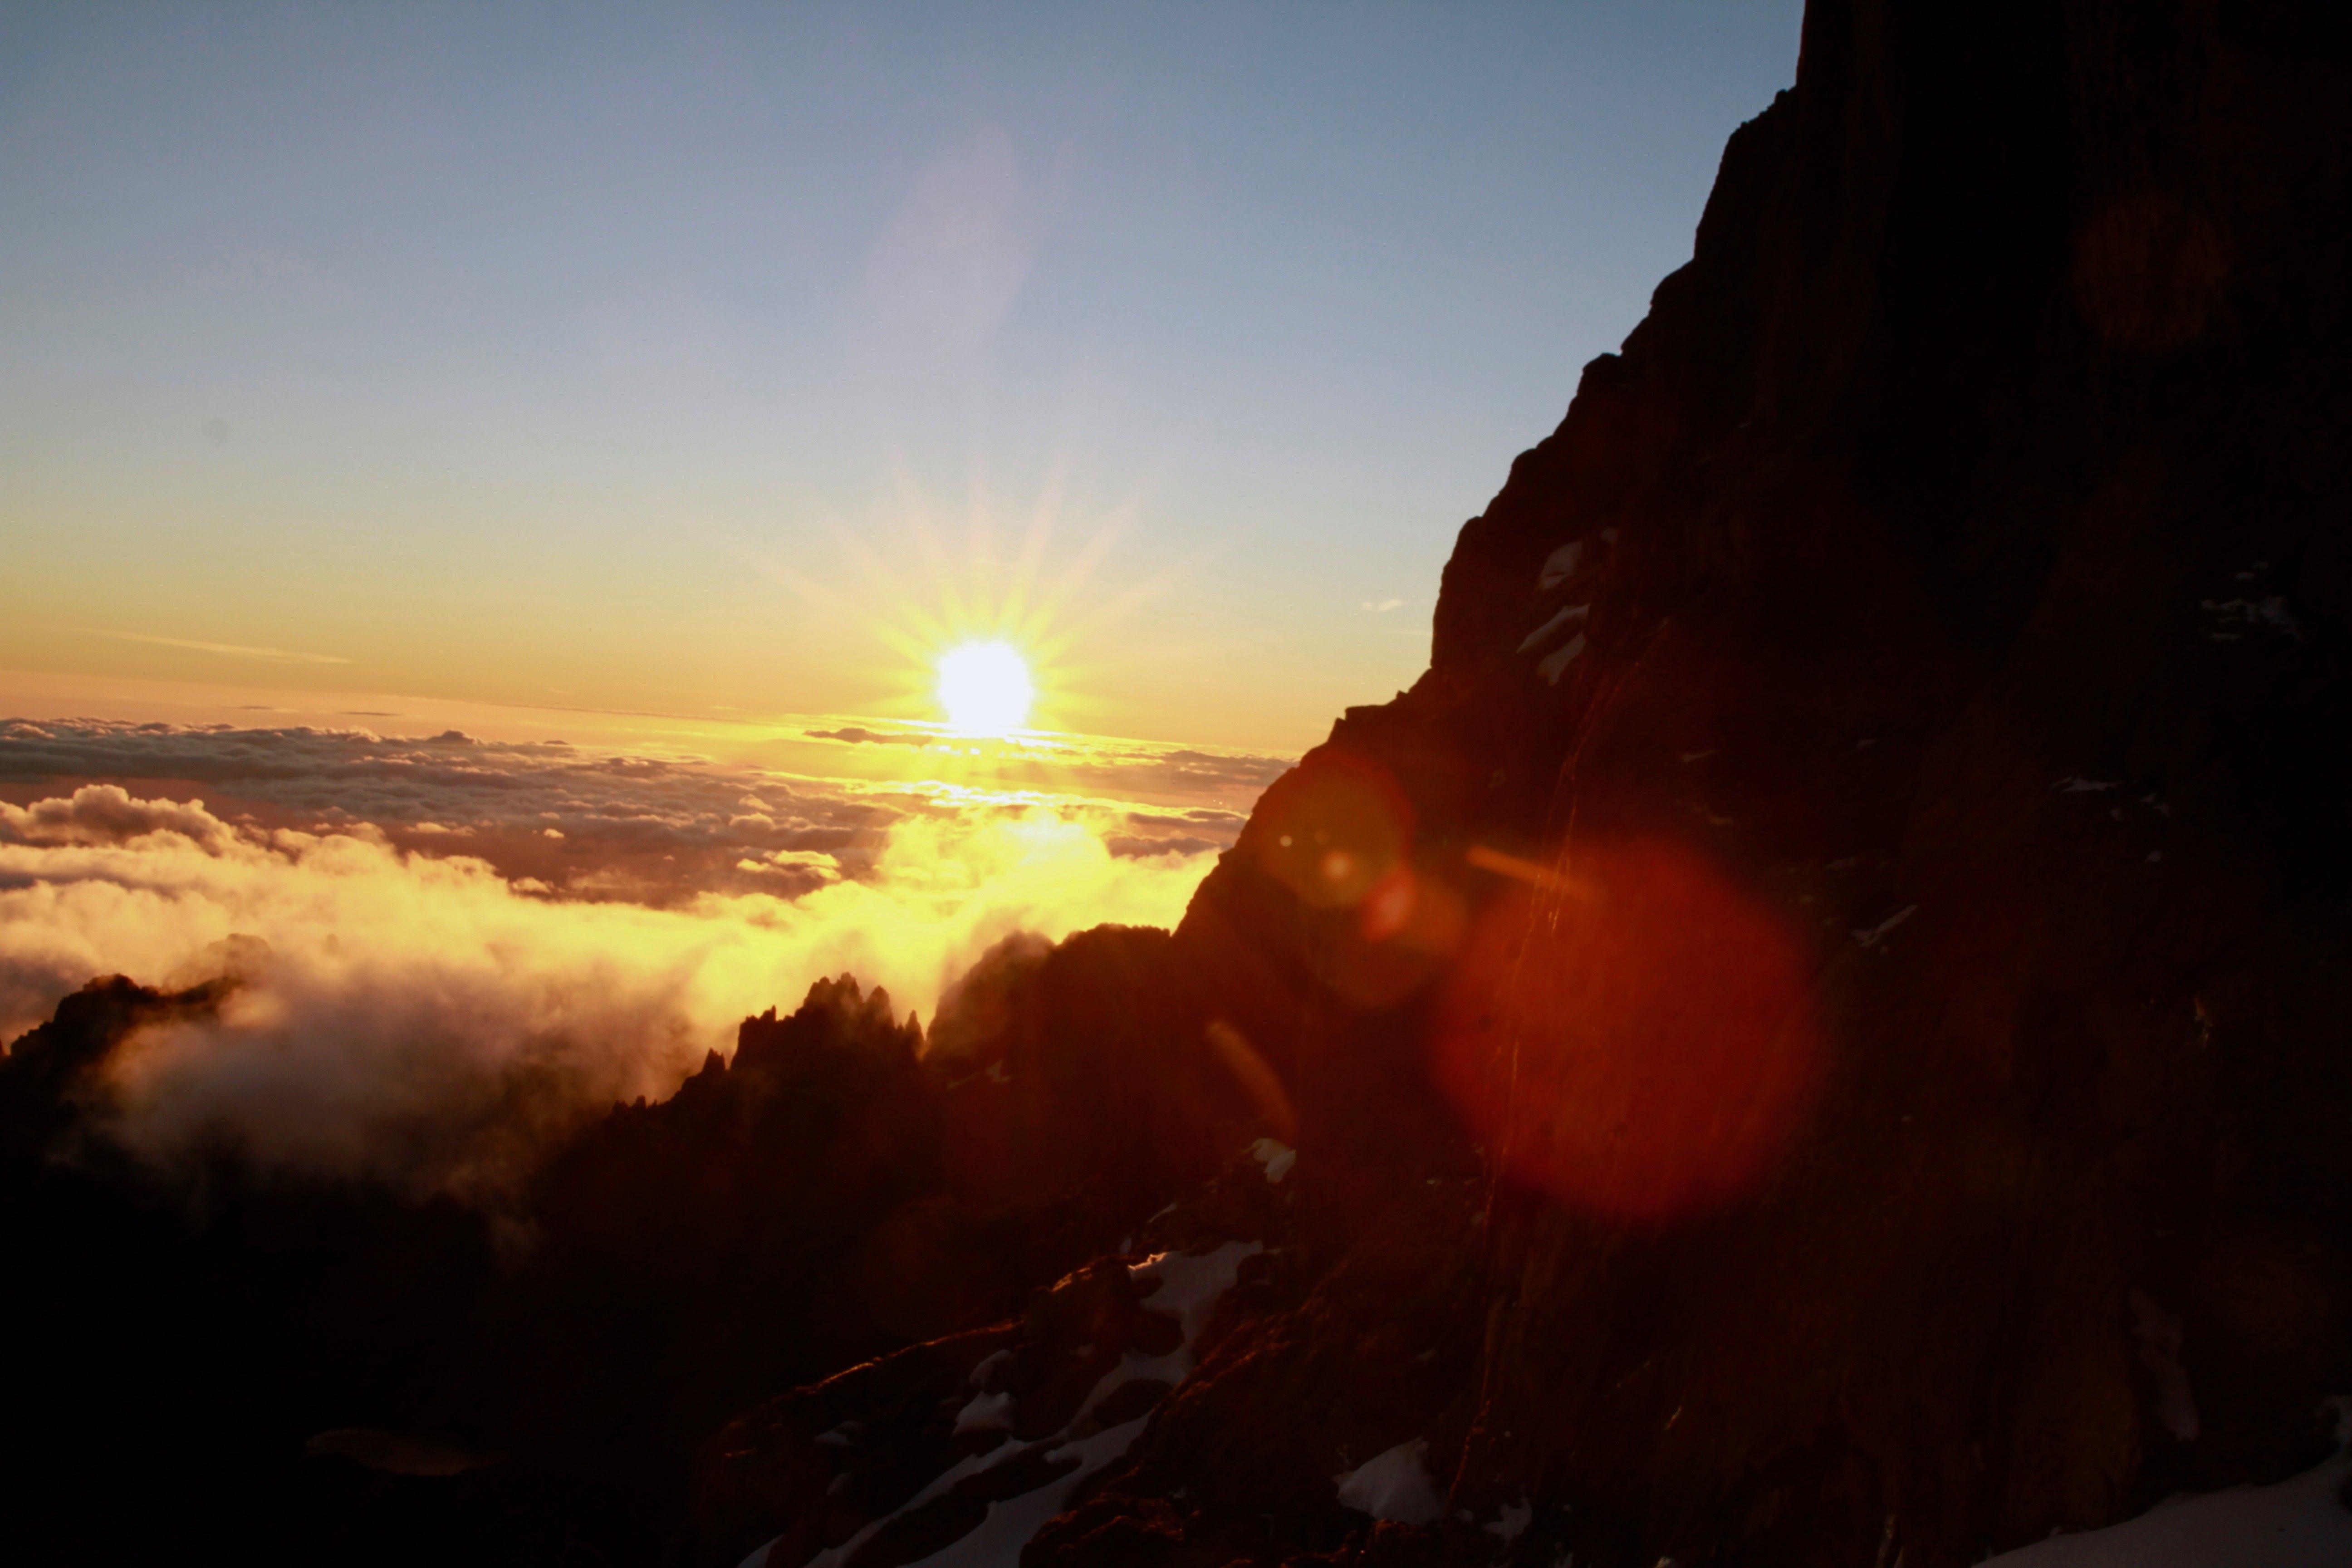 Pt Lenana Sunrise